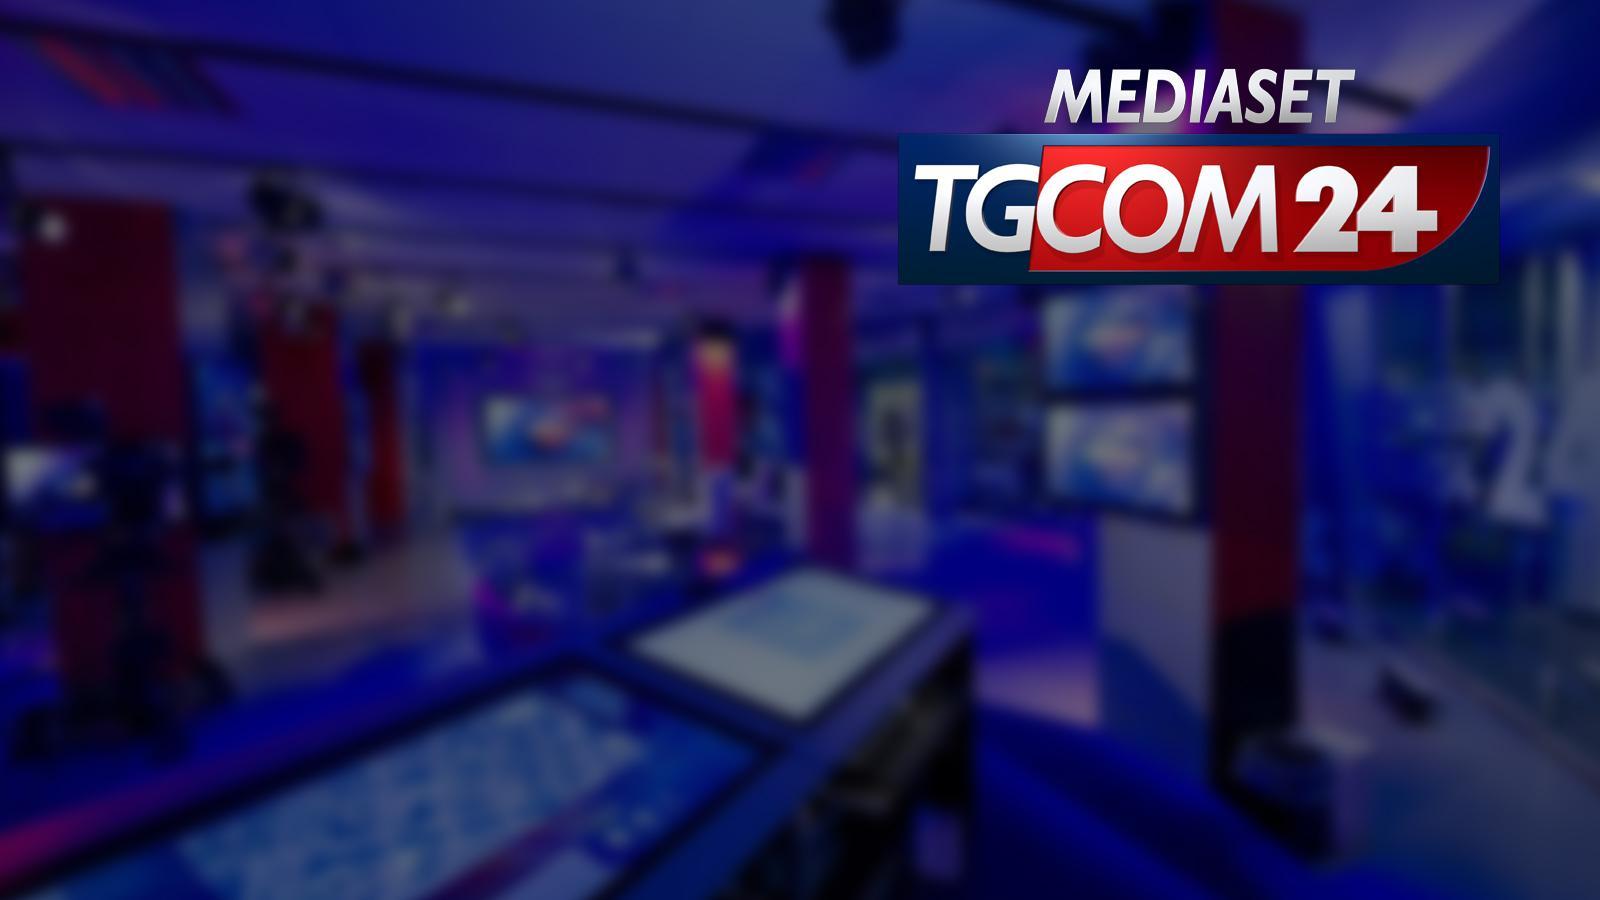 Mediaset Extra Tgcom24